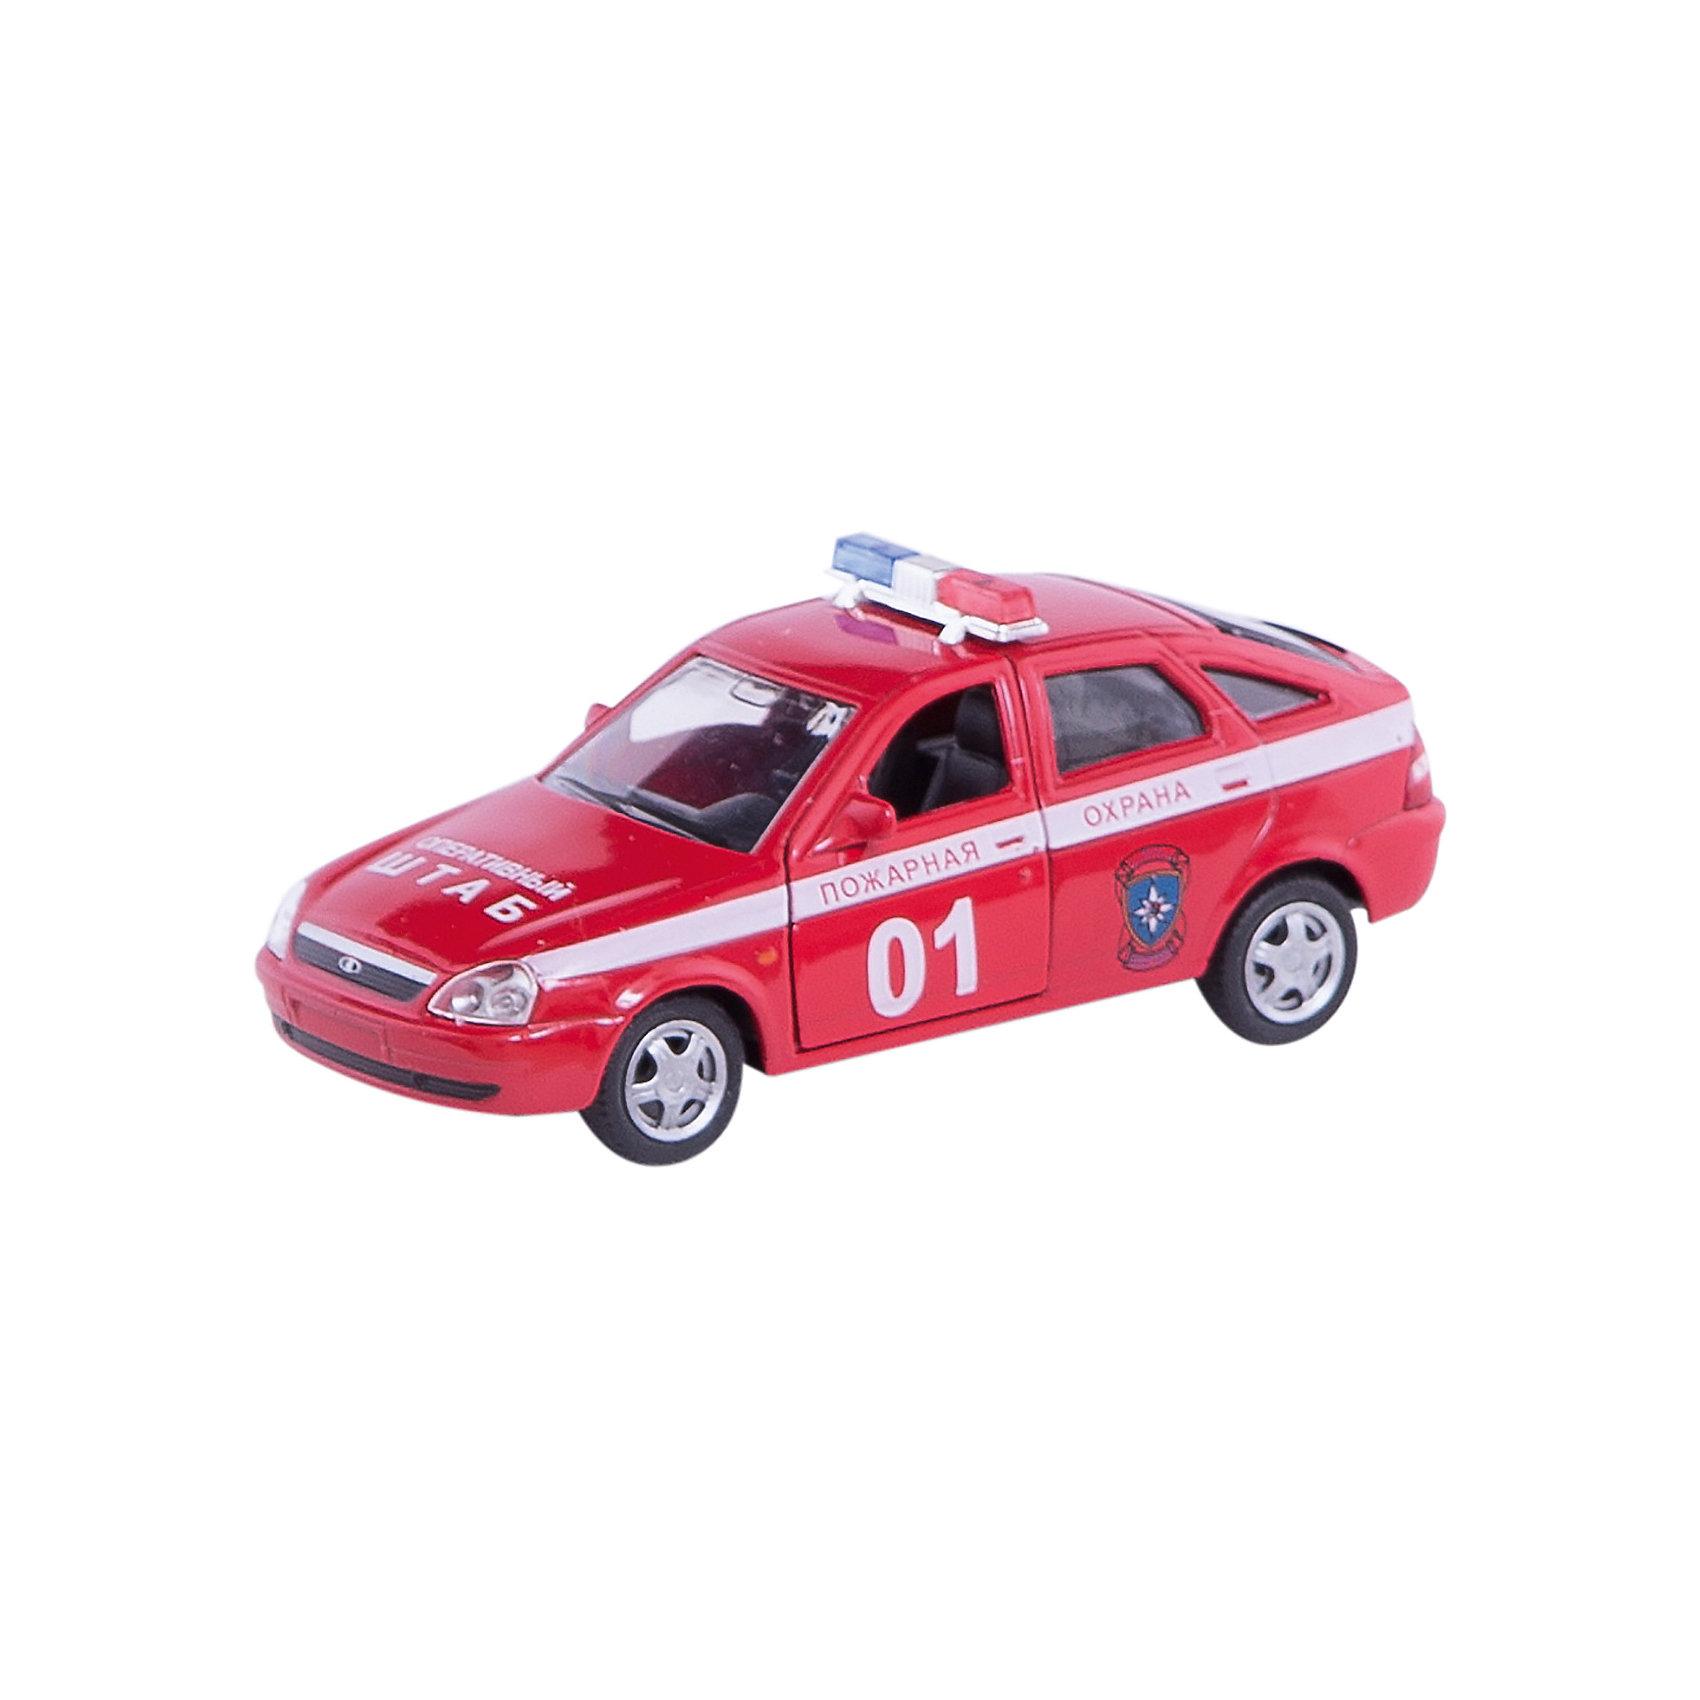 Машинка Lada Priora пожарная охрана 1:36, AutotimeМашинки<br>Характеристики товара:<br><br>• цвет: красный<br>• материал: металл, пластик<br>• размер: 16,5х7,х5,7 см<br>• вес: 100 г<br>• масштаб: 1:36<br>• прочный материал<br>• хорошая детализация<br>• открываются двери<br>• страна бренда: Россия<br>• страна производства: Китай<br><br>Коллекционная машинка LADA Priora пожарная охрана от бренда AUTOTIME станет отличным подарком для мальчика. Подробная детализация машинки порадует увлеченного коллекционера, а открывающиеся двери и свободно вращающиеся колеса придутся по душе юному владельцу игрушечного гаража. Эта игрушка подарит восторг и радость вашему ребенку. <br><br>Игрушка также воздействует на наглядно-образное мышление, логическое мышление, развивает мелкую моторику. Изделие выполнено из сертифицированных материалов, безопасных для детей.<br><br>Машинку «Lada Priora» пожарная охрана от бренда AUTOTIME можно купить в нашем интернет-магазине.<br><br>Ширина мм: 165<br>Глубина мм: 57<br>Высота мм: 75<br>Вес г: 13<br>Возраст от месяцев: 36<br>Возраст до месяцев: 2147483647<br>Пол: Мужской<br>Возраст: Детский<br>SKU: 5583899